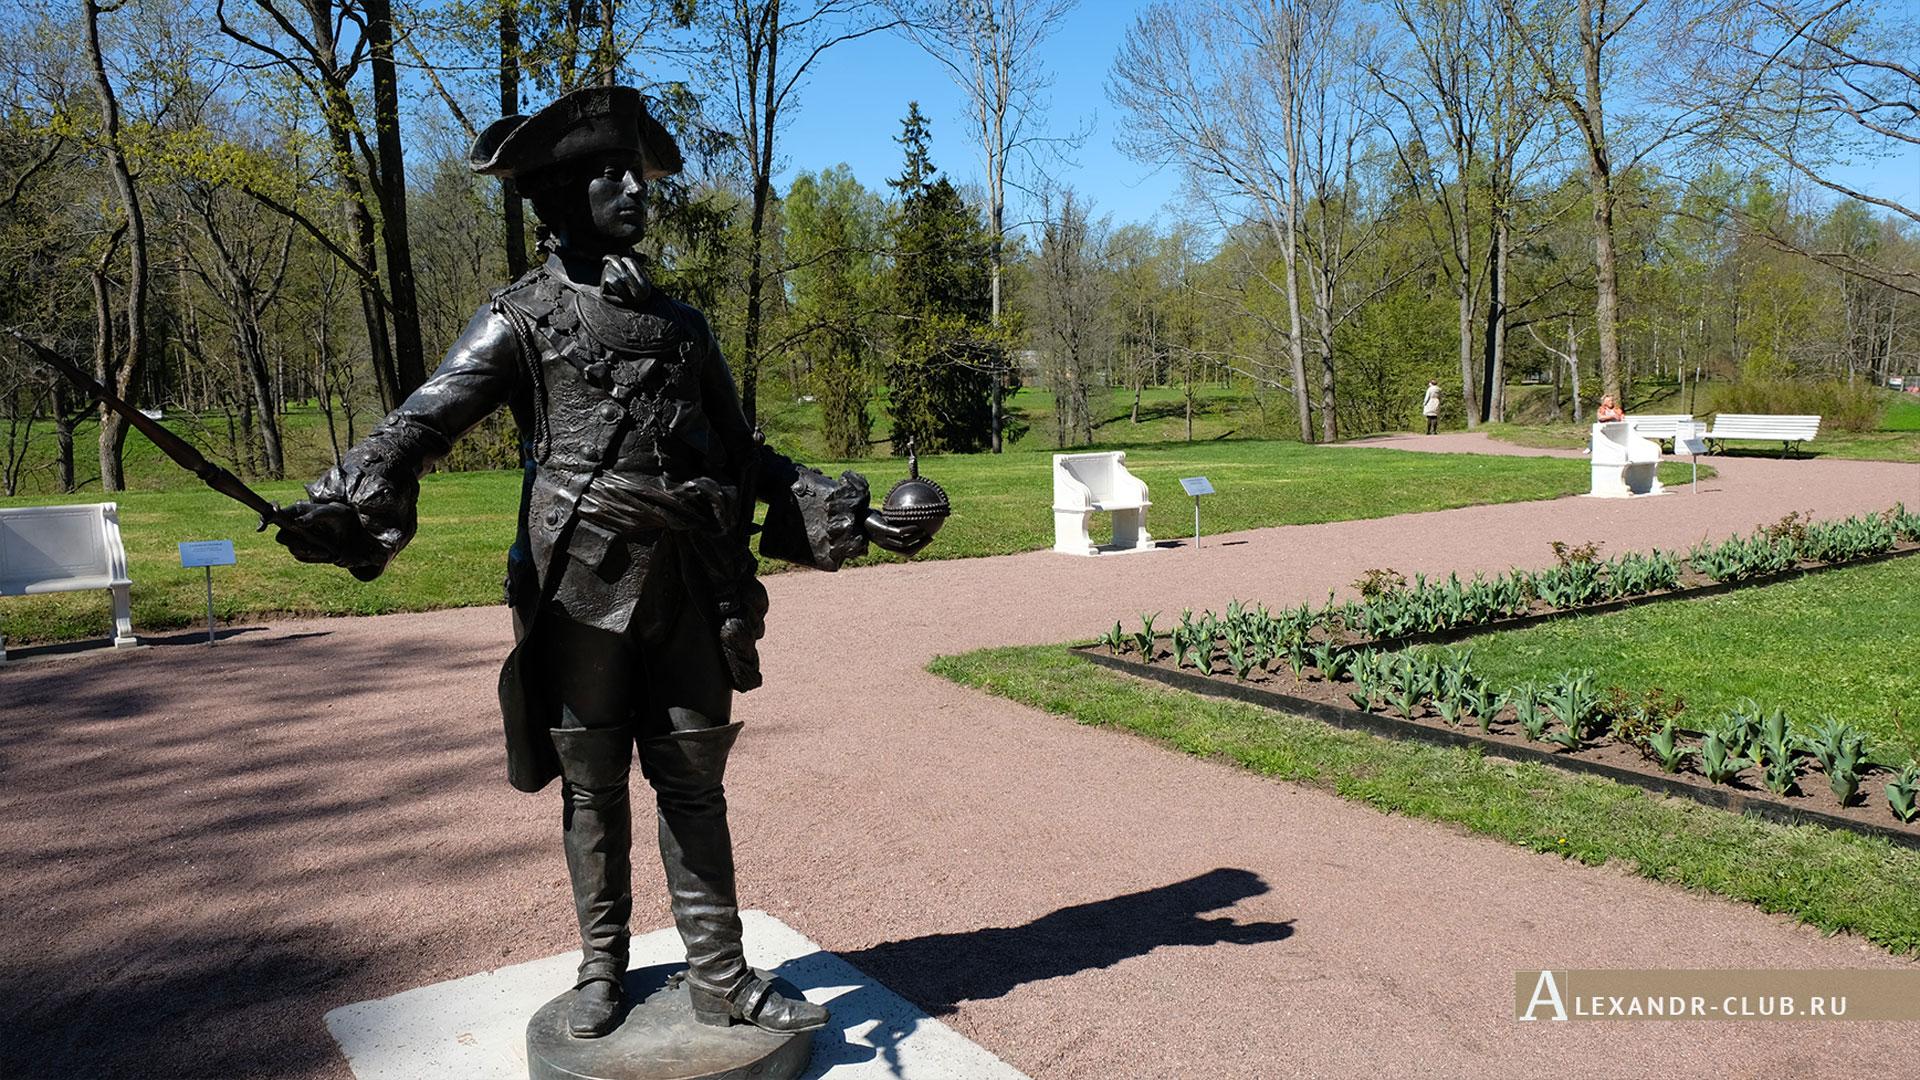 Ораниенбаум, весна, статуя Петра III